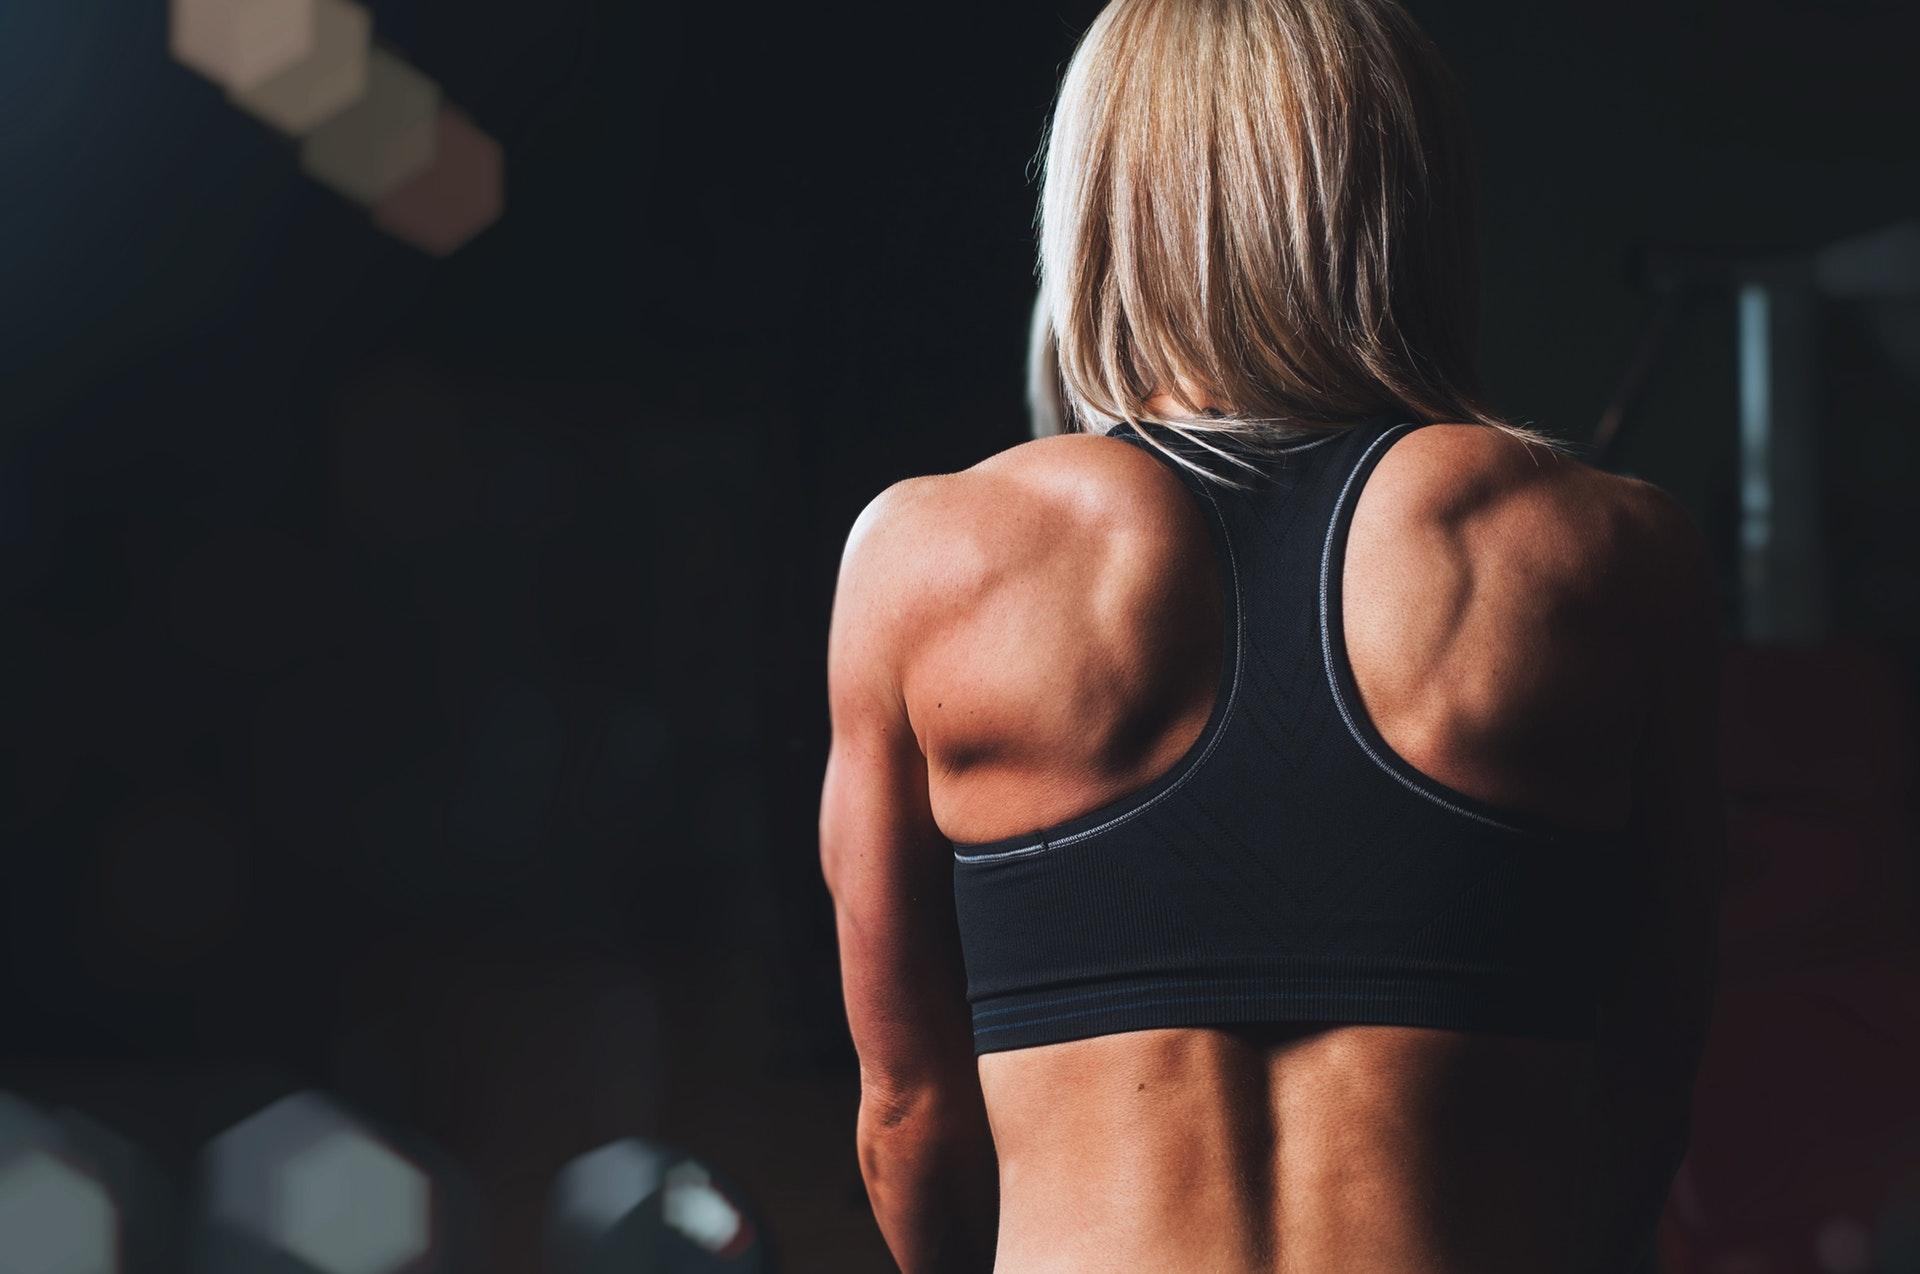 Що можна робити в спортзалі, якщо турбує спина